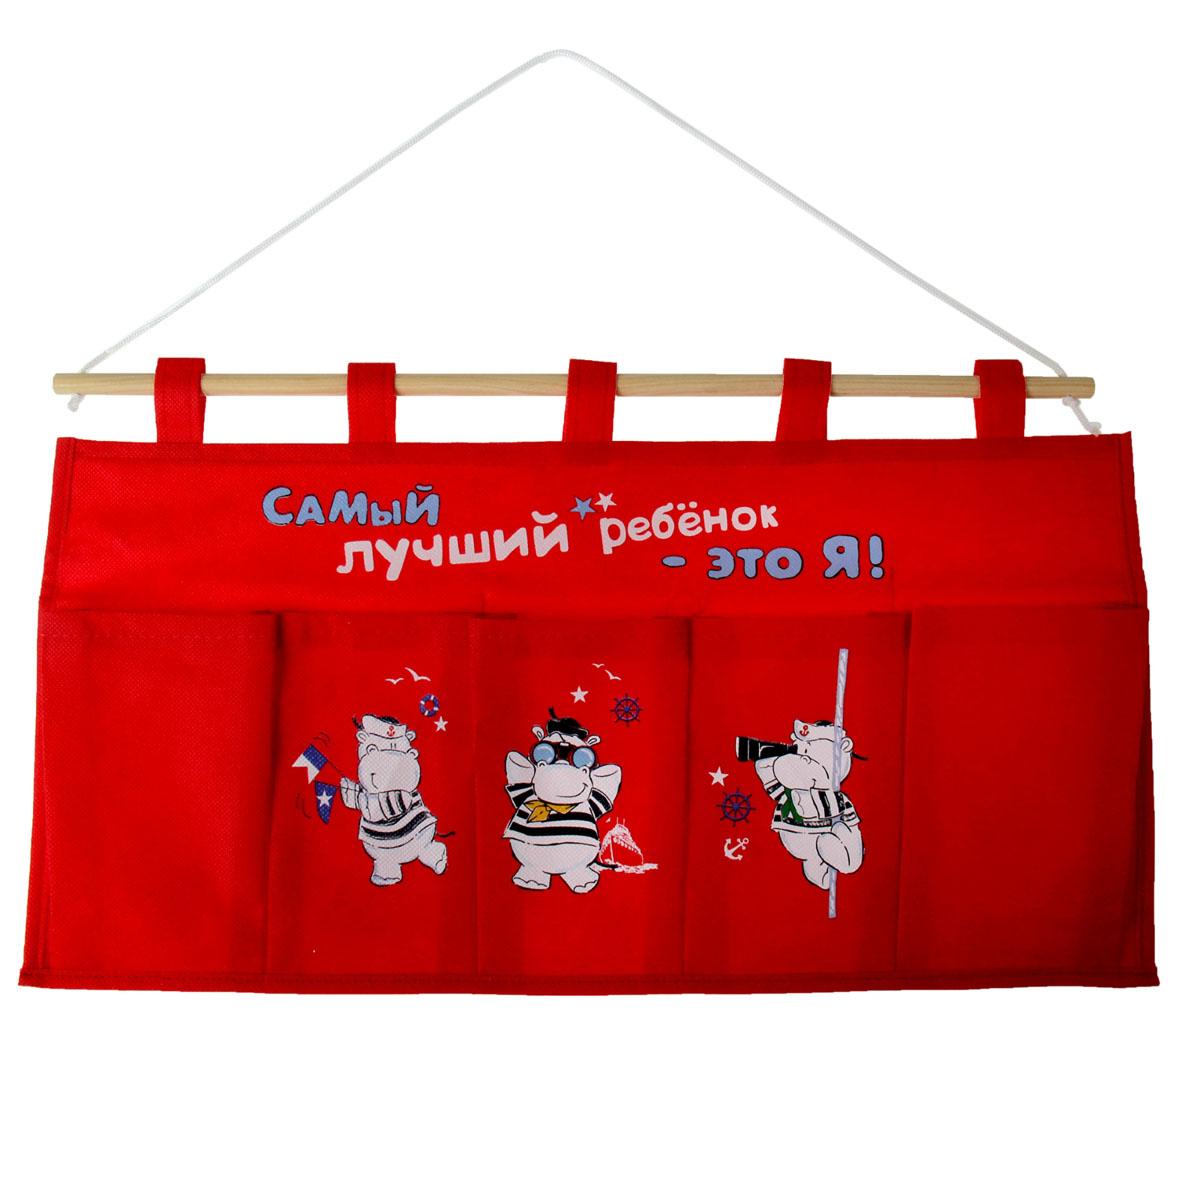 Кармашки на стену Sima-land Самый лучший ребенок, цвет: красный, 5 шт838300Кармашки на стену «Самый лучший ребенок» предназначены для хранения необходимых вещей, множества мелочей в гардеробной, ванной, детской комнатах. Изделие выполнено из текстиля и представляет собой 5 сшитых между собой кармашков на ткани, которые, благодаря 5 петелькам, куда просовывается деревянная палочка на веревке, можно повесить в необходимом для вас и вашего ребенка месте. На кармашках имеются изображения в виде трех забавных бегемотов-матросов и надпись «Самый лучший ребенок - это я!». Этот нужный предмет может стать одновременно и декоративным элементом комнаты. Яркий текстиль, как ничто иное, способен оживить интерьер вашего жилища и сделает каждый день ярче и радостнее.